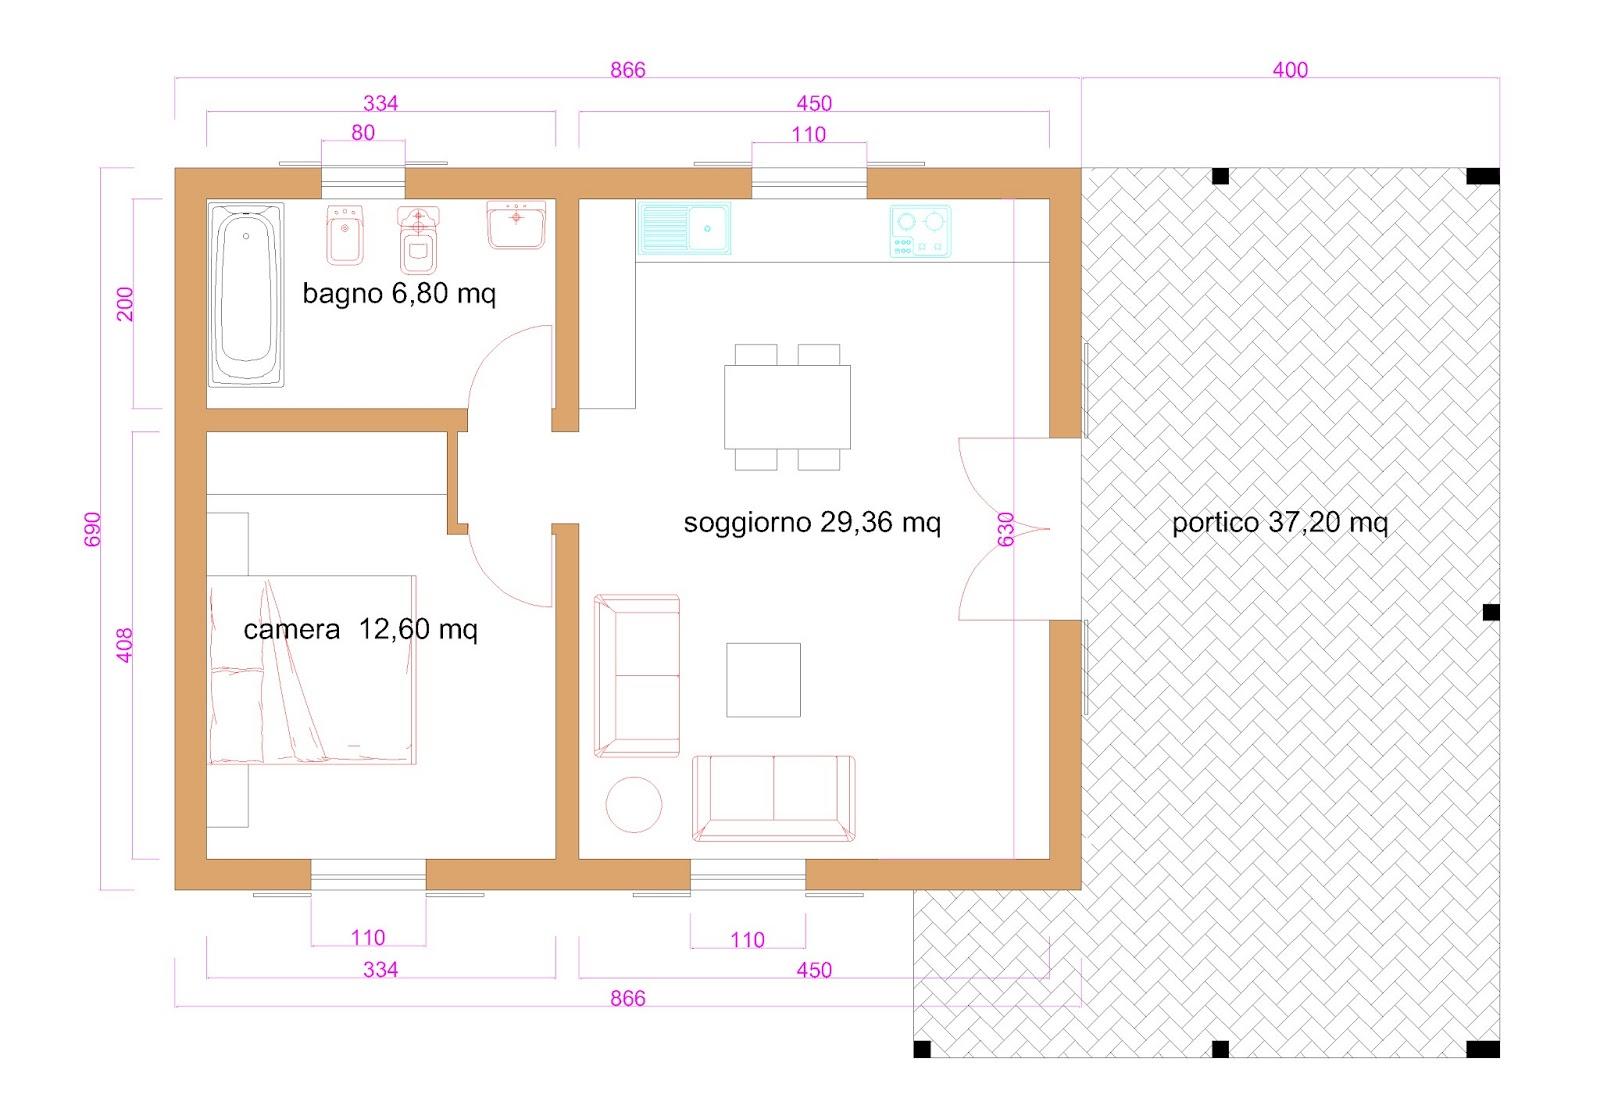 Progetti di case in legno casa 60 mq portico 37 mq for Casa moderna 60 mq